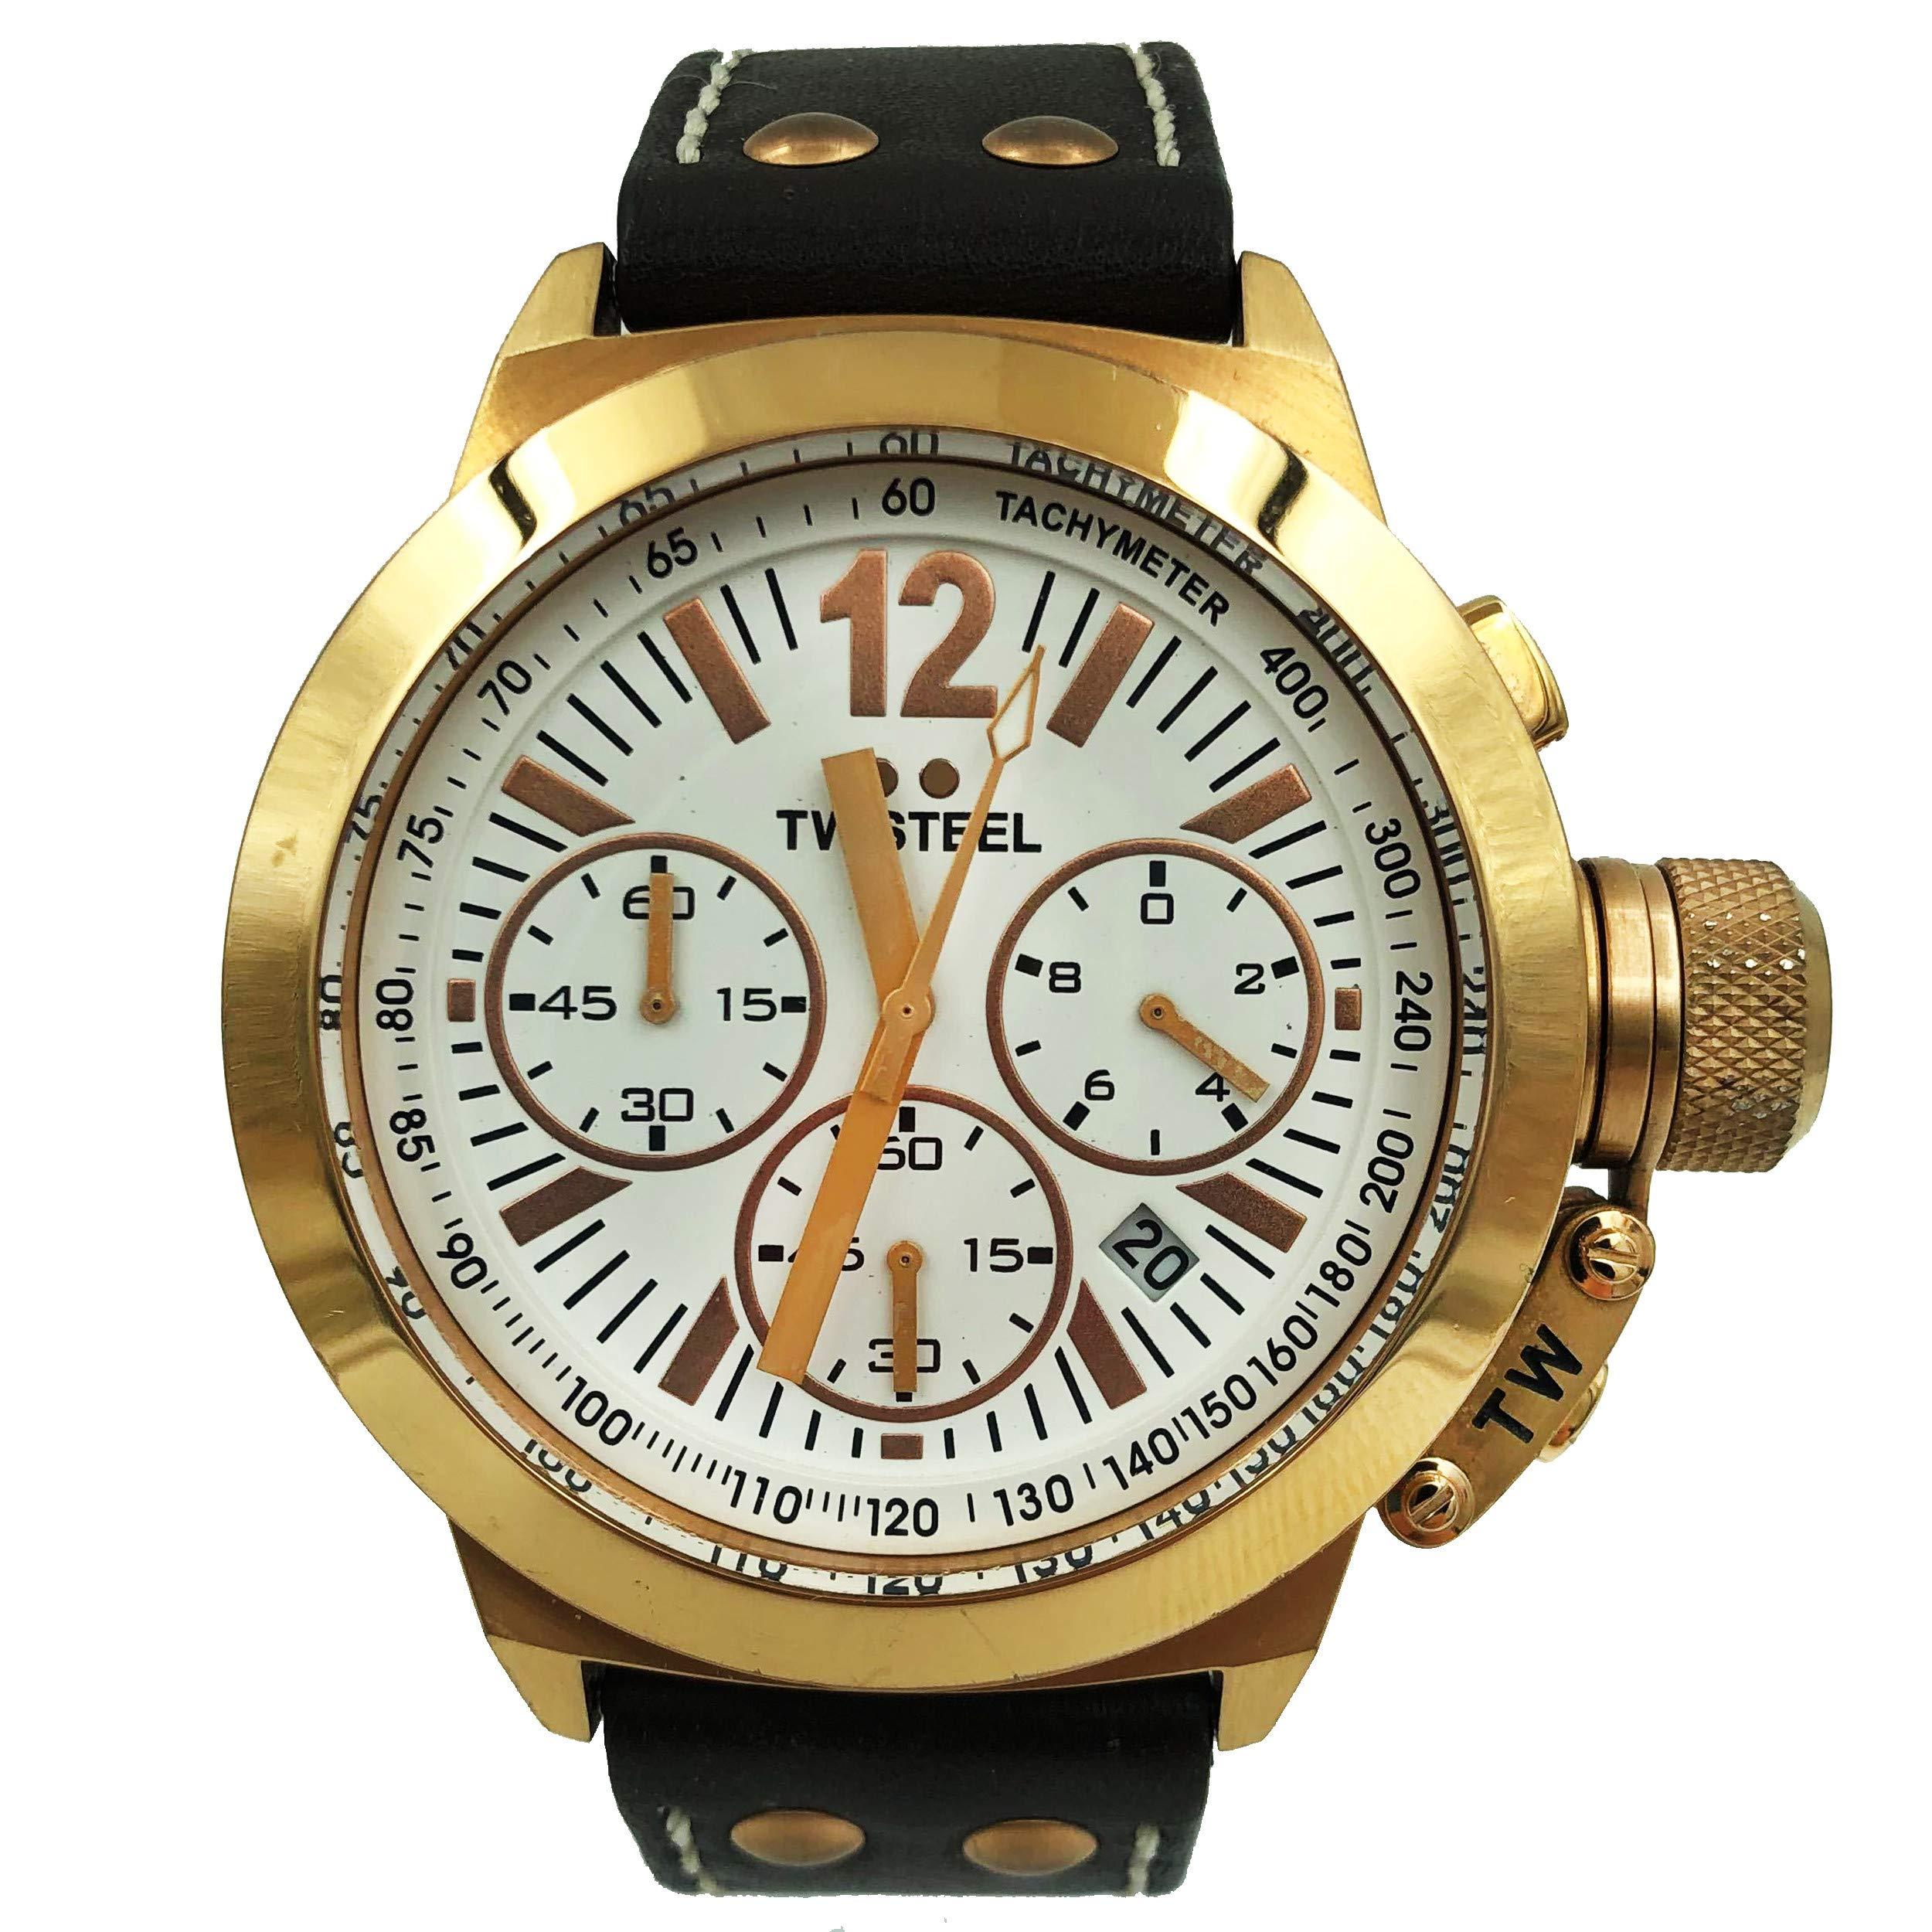 TW Steel CEO Quartz Male Watch CE1019R (Certified Pre-Owned) by TW Steel